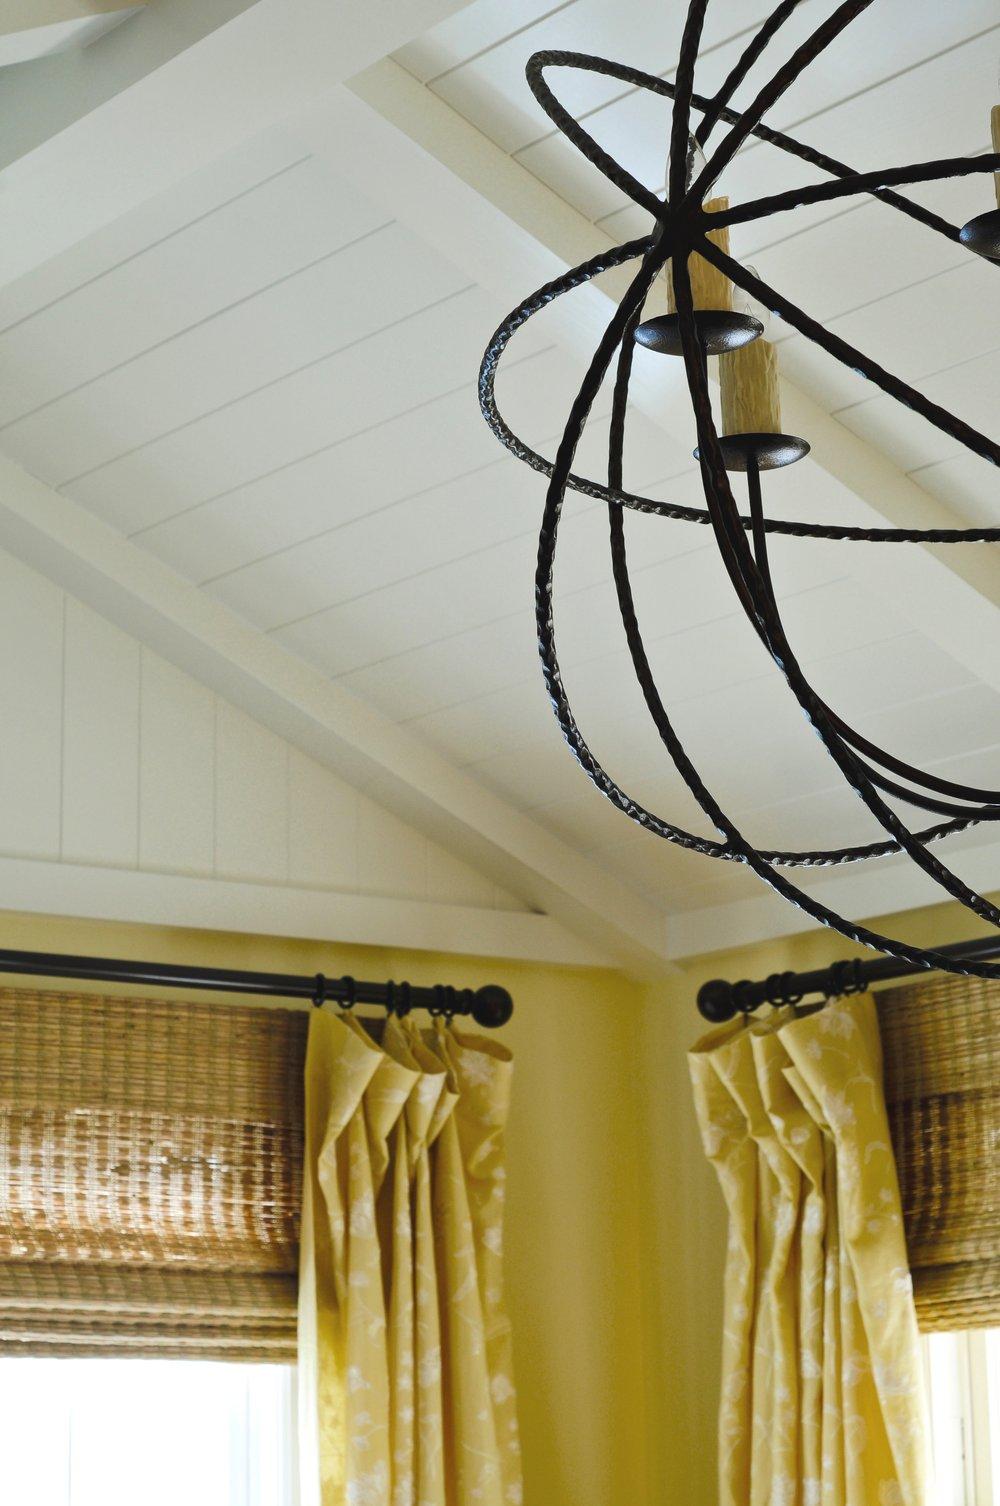 2012-1-6 Living Room Detail 2.jpg